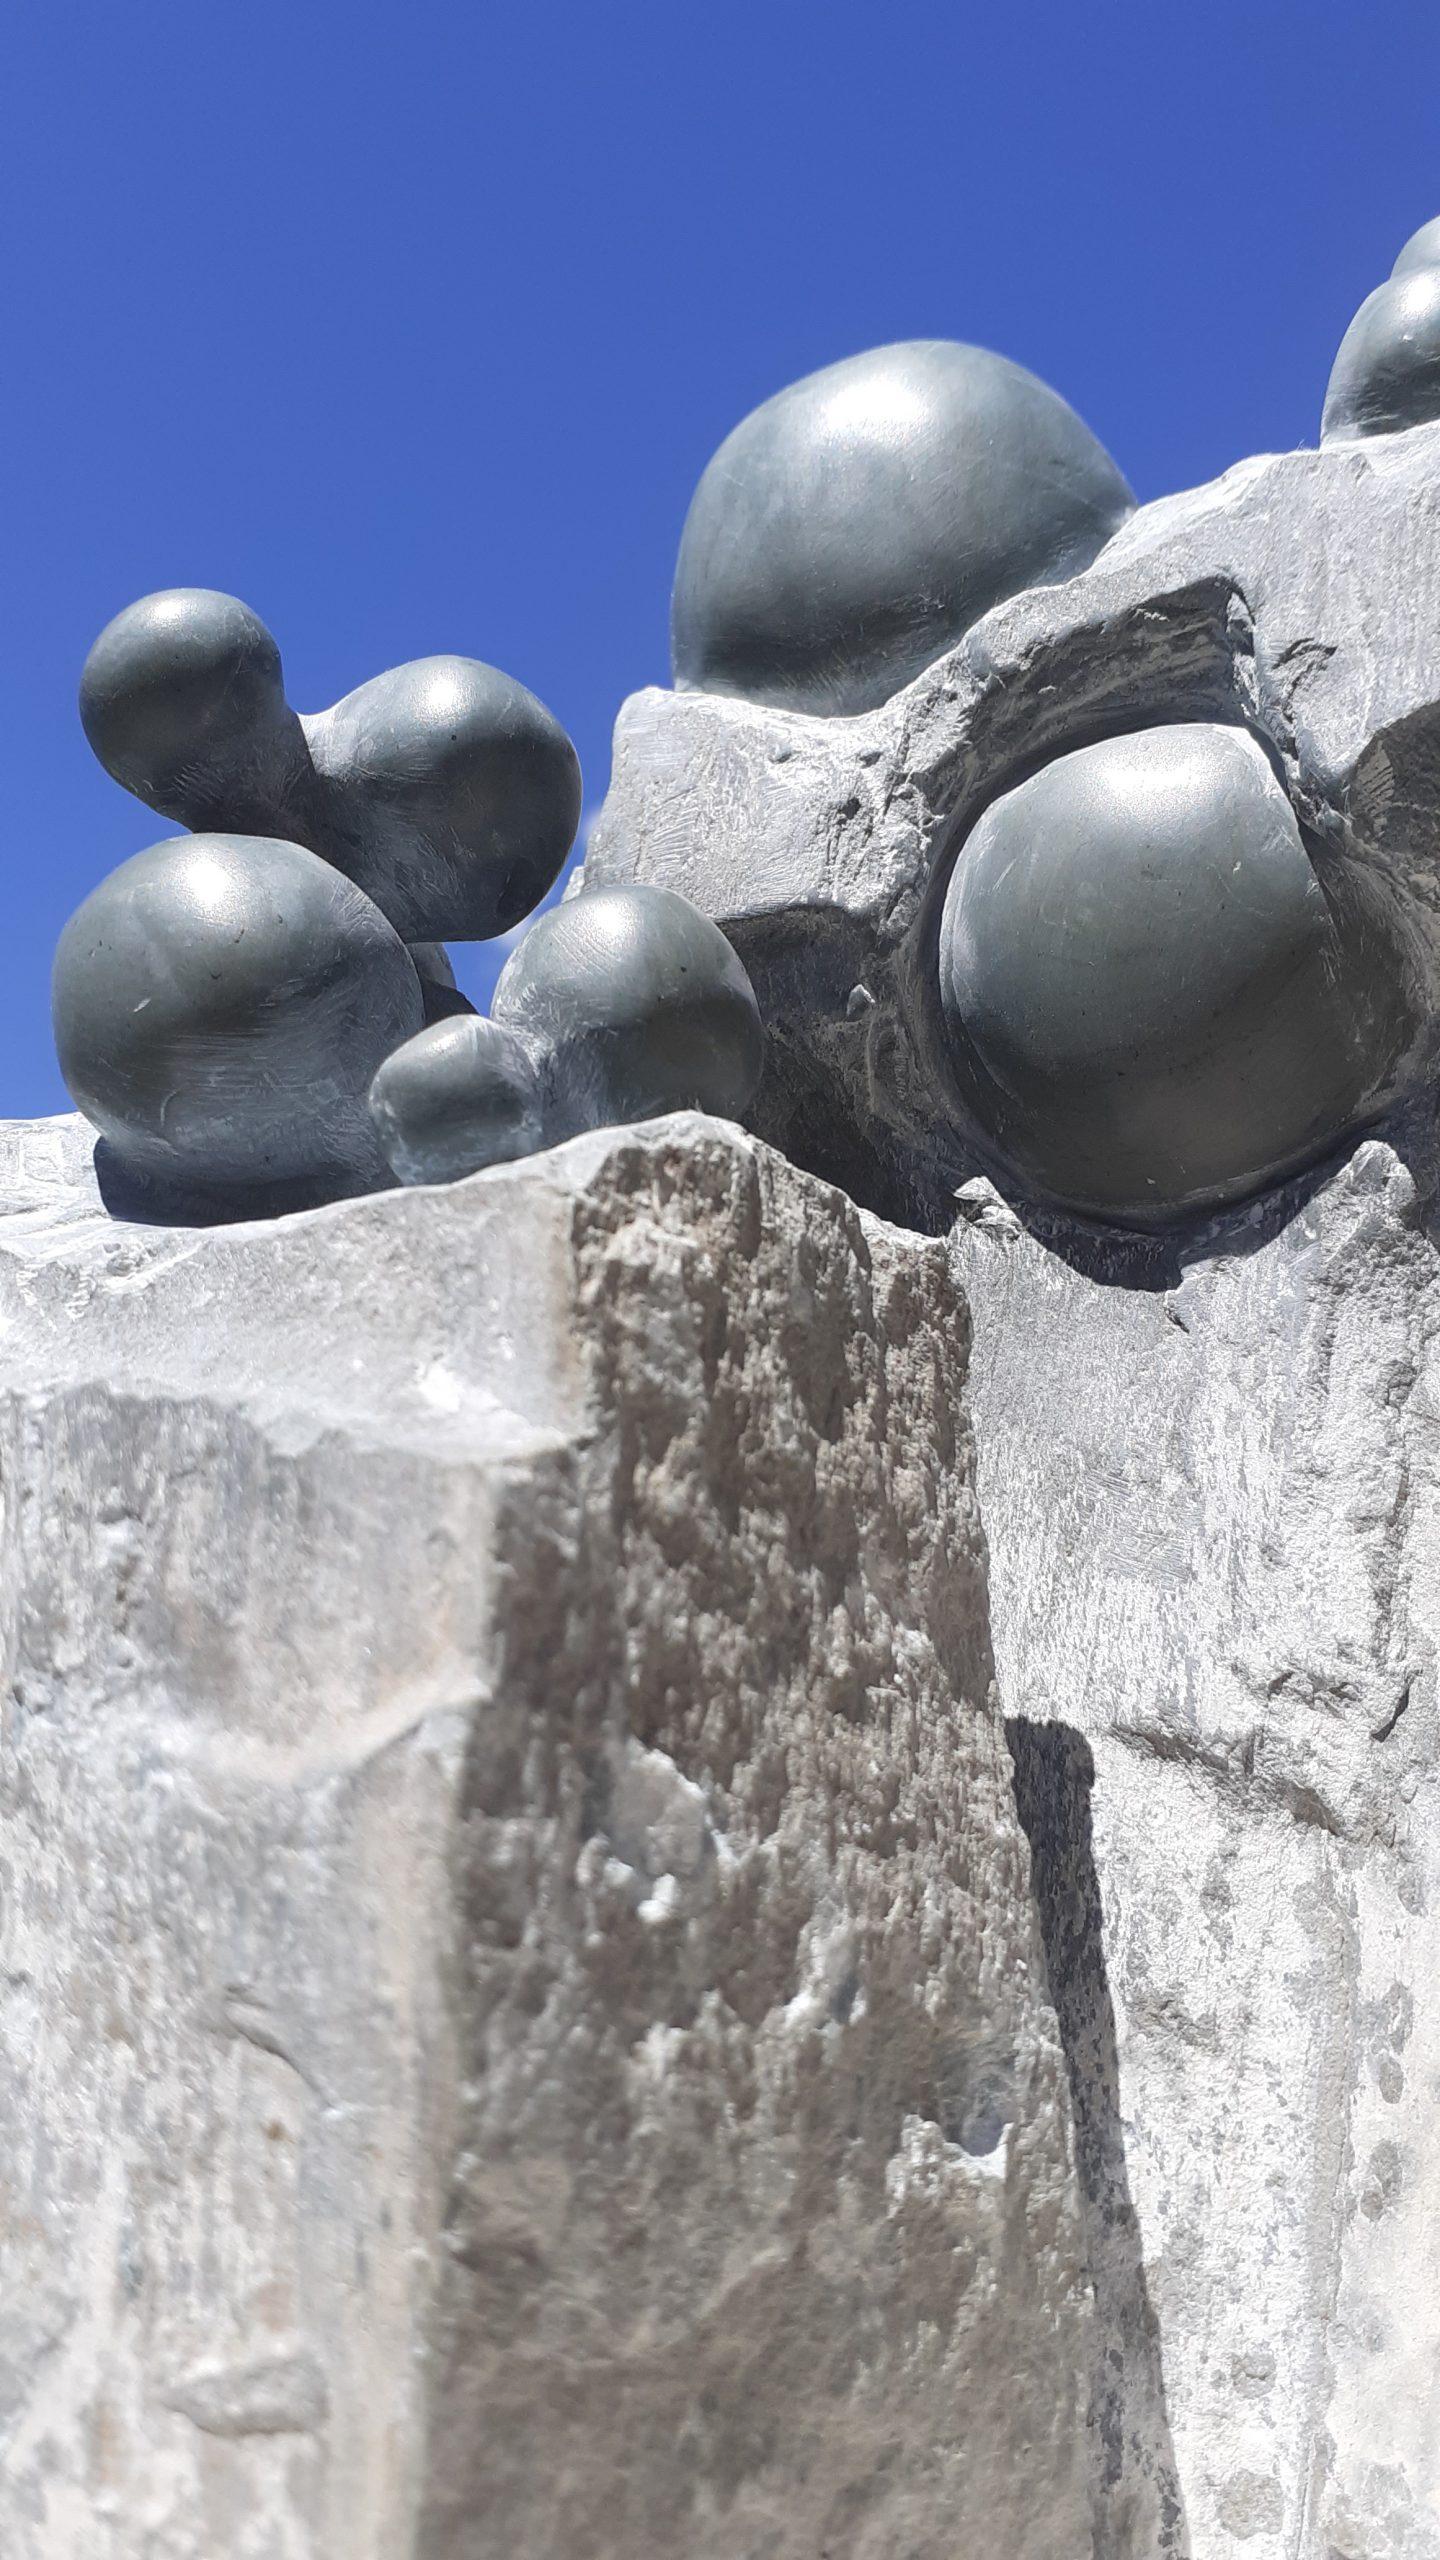 Dettaglio di Molecole, la nona installazione permanente del progetto La Memoria delle Pietre